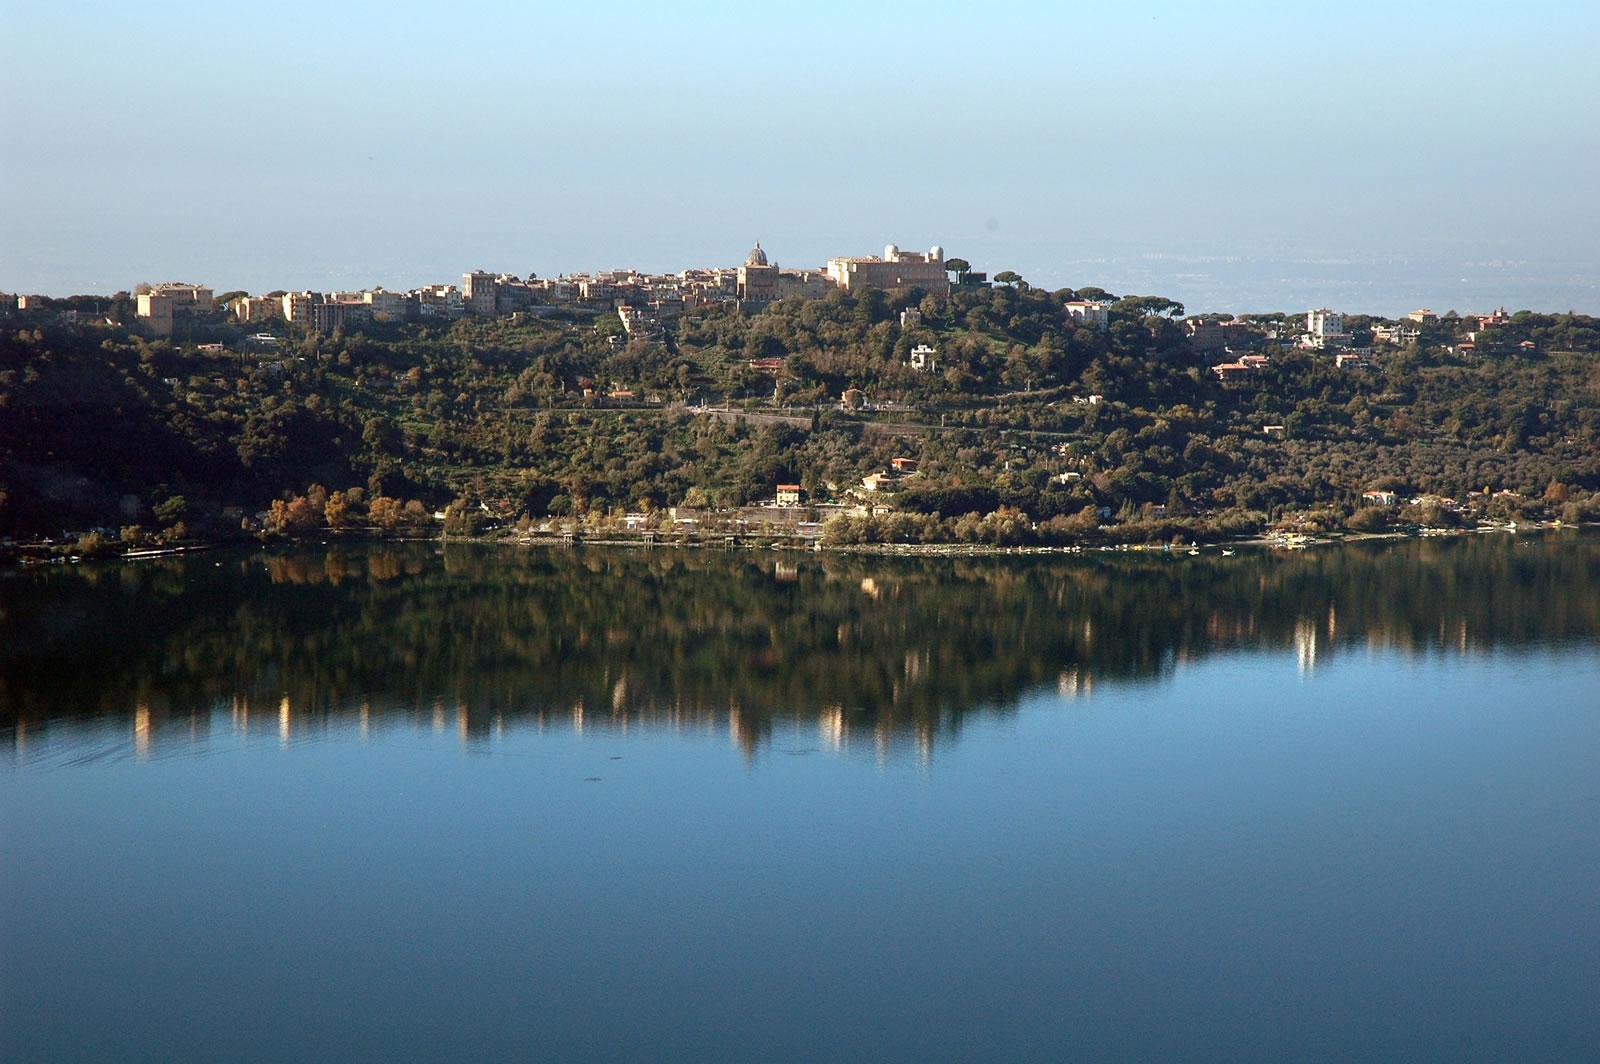 Lago di Albano e Castelgandolfo